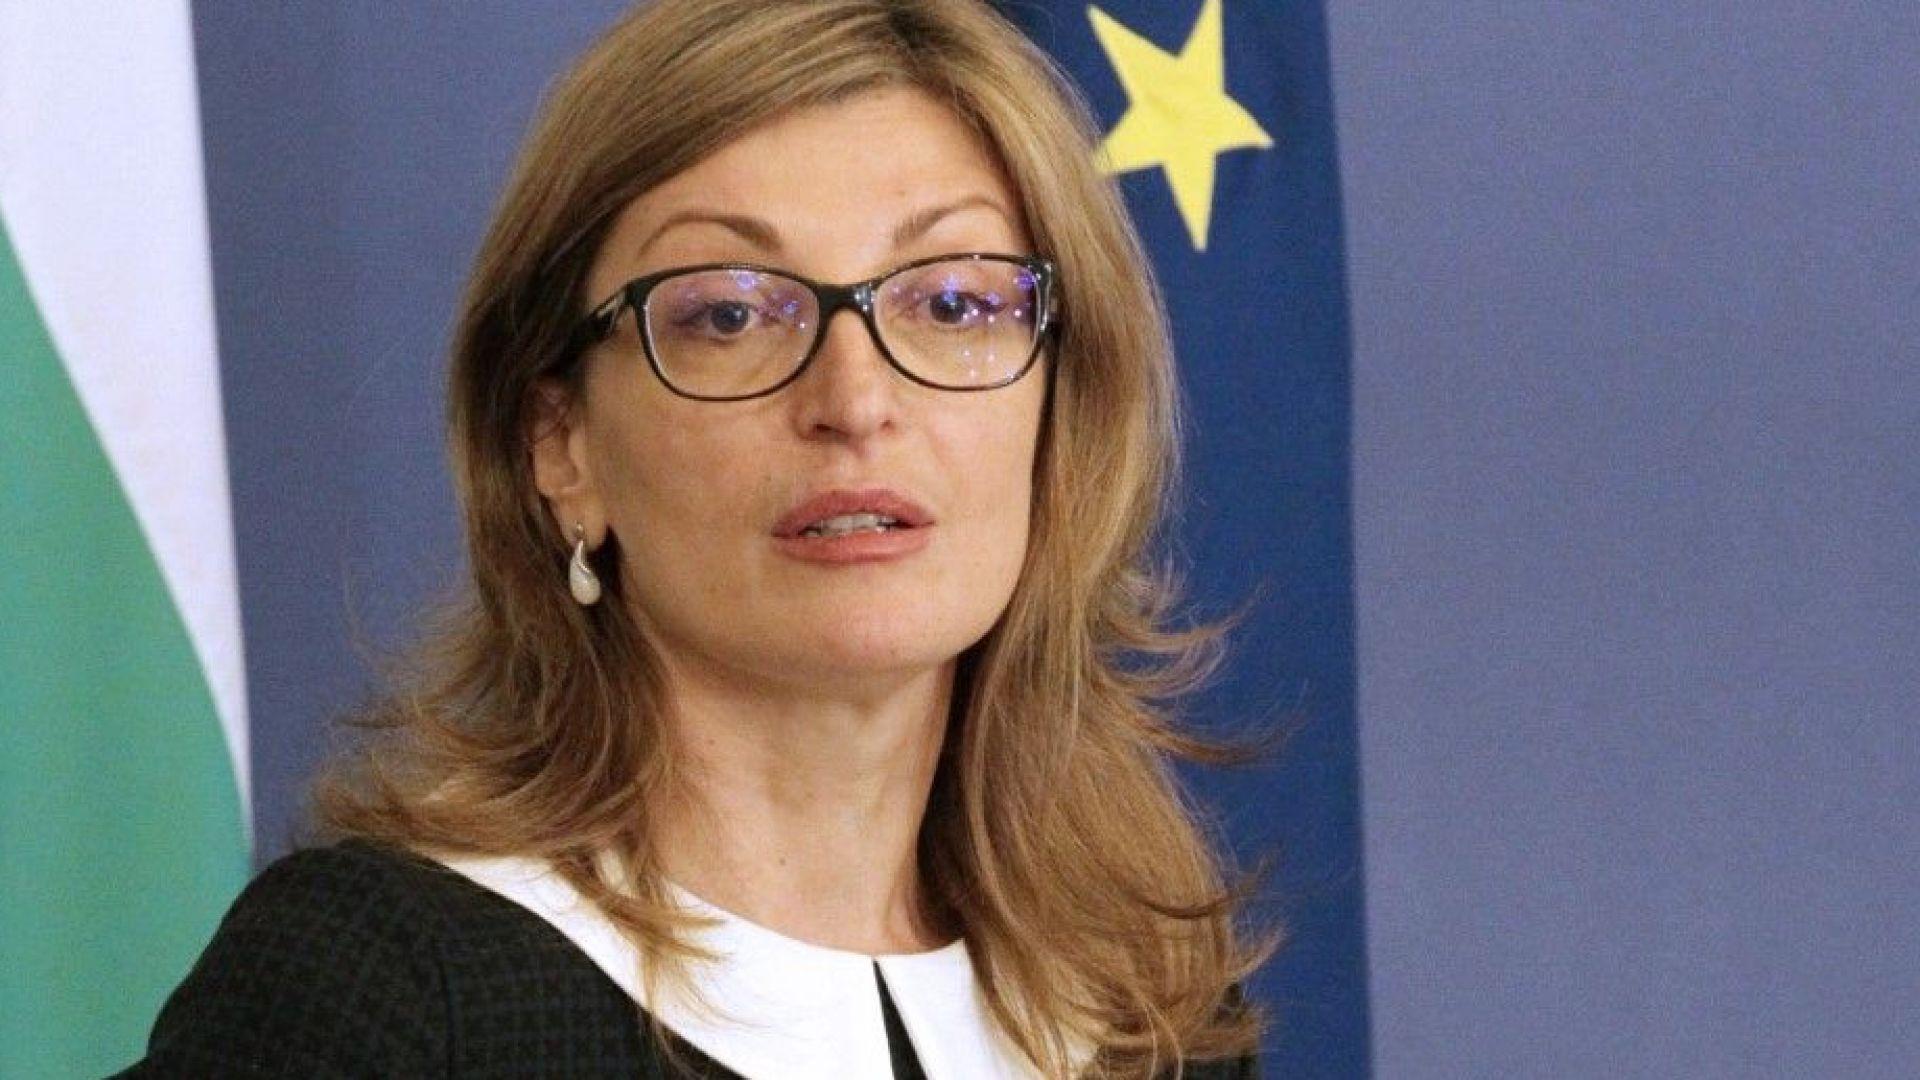 Привикват сръбския посланик в МВнР след остра реакция на Дачич срещу Борисов